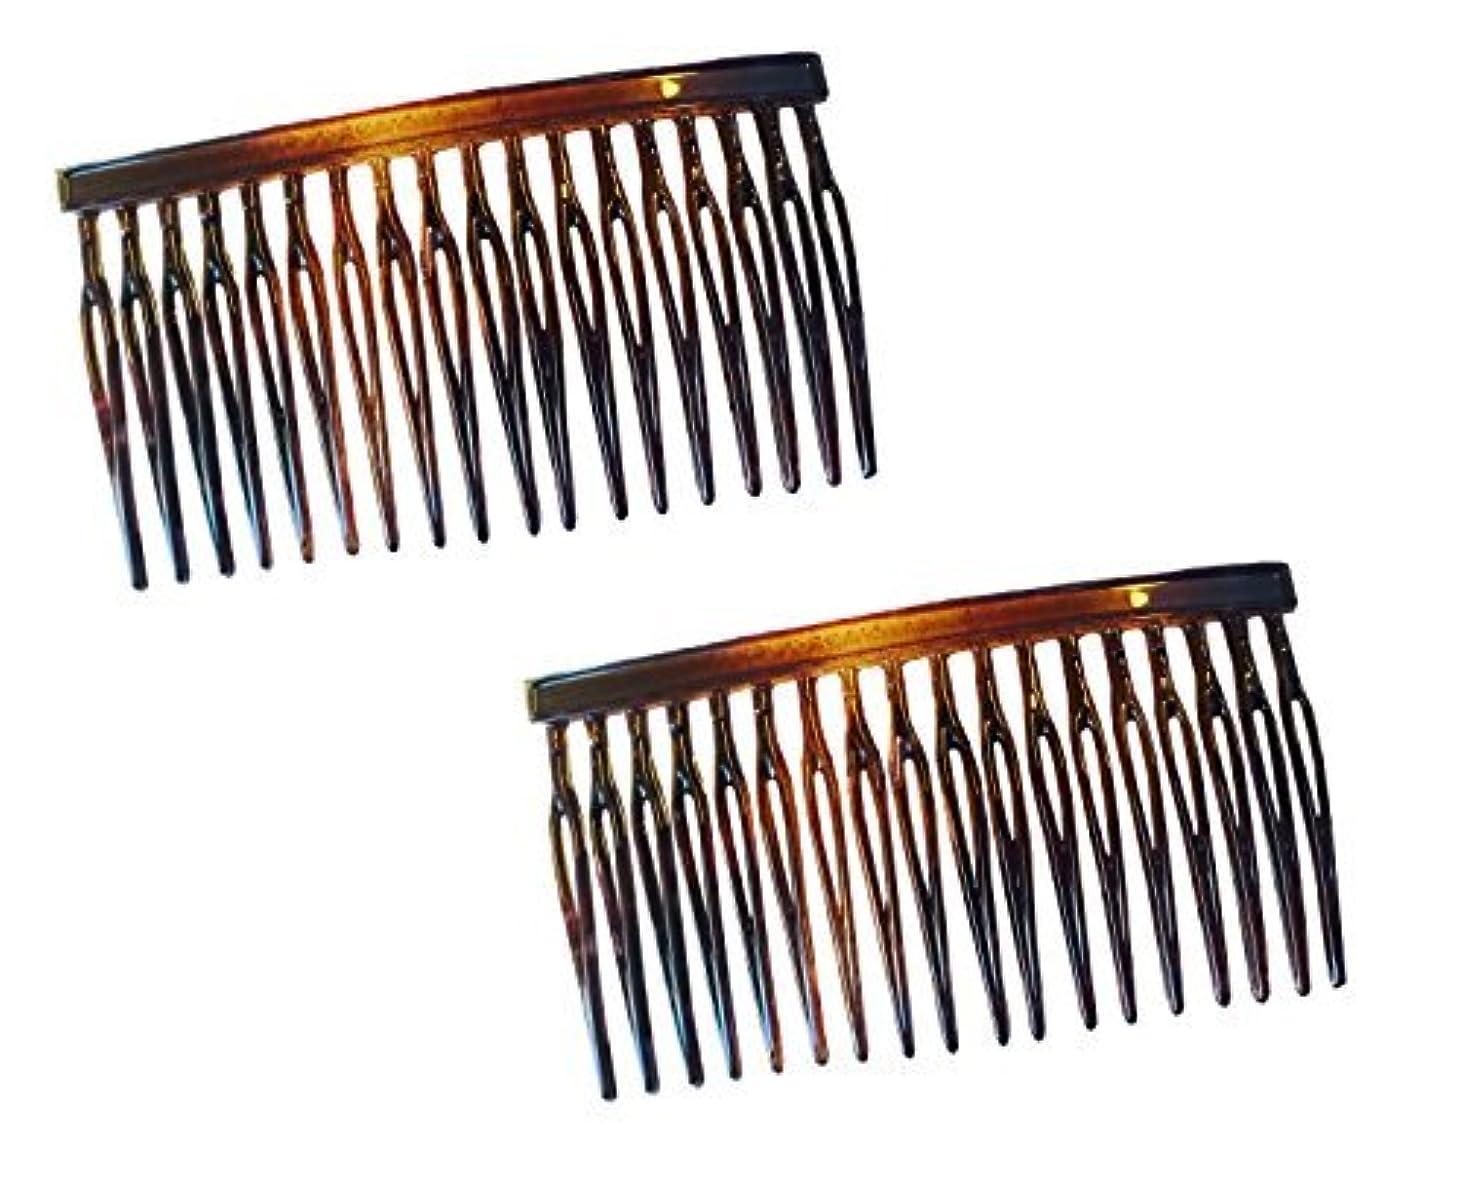 発生するチェス評価可能Parcelona French Light 2 Pieces Small Glossy Celluloid Shell Good Grip Updo 18 Teeth Side Hair Comb Combs [並行輸入品]